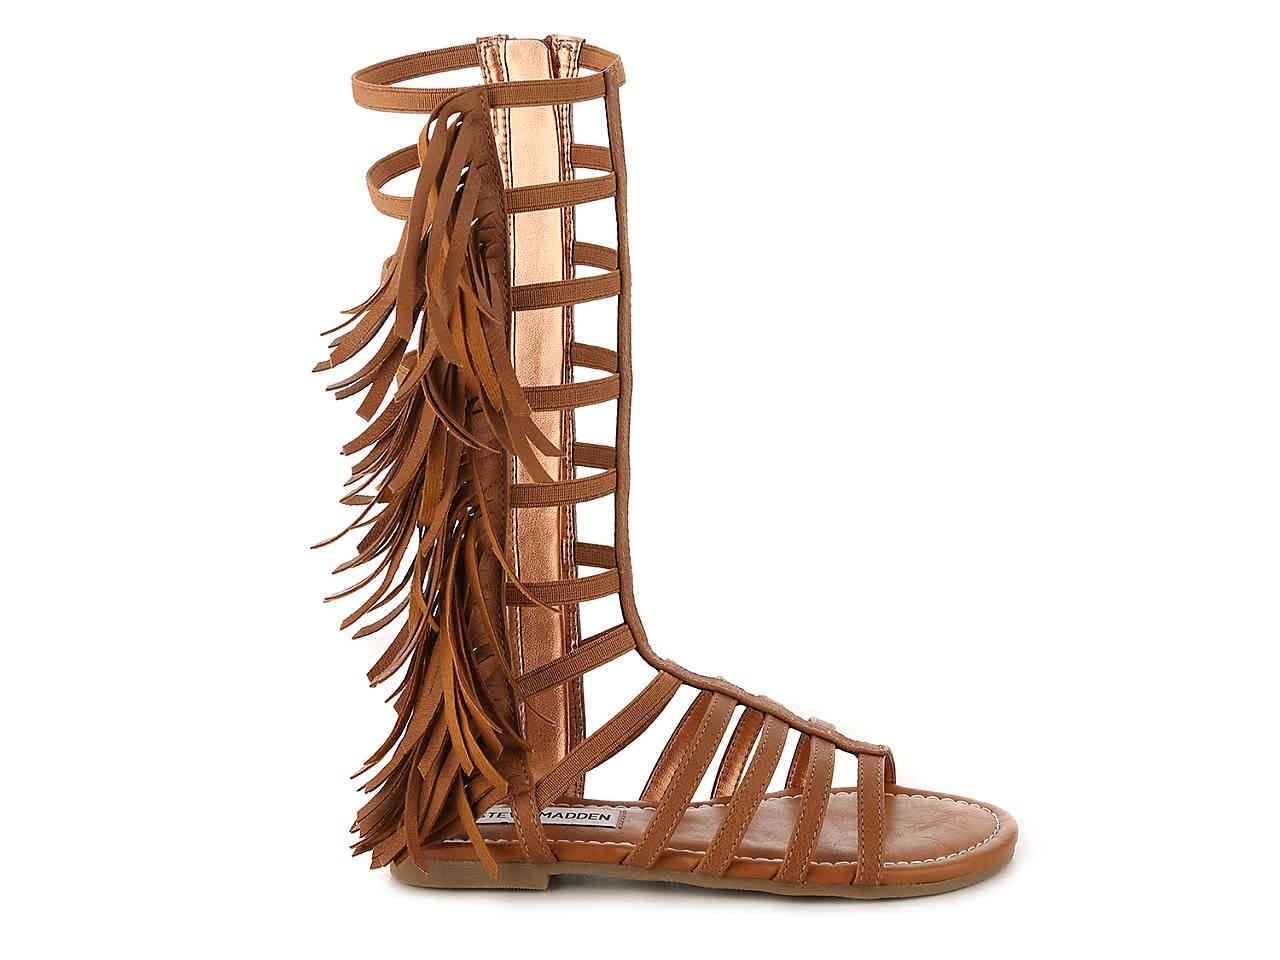 a039329506d Steve Madden Kalsi Youth Gladiator Sandal Kids Shoes   DSW   Max ...